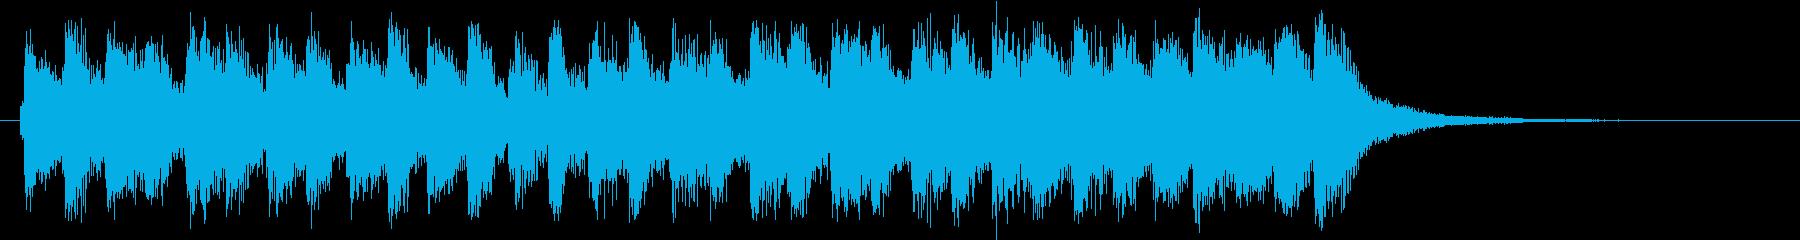 ハロウィンの怪しい雰囲気のオーケストラの再生済みの波形